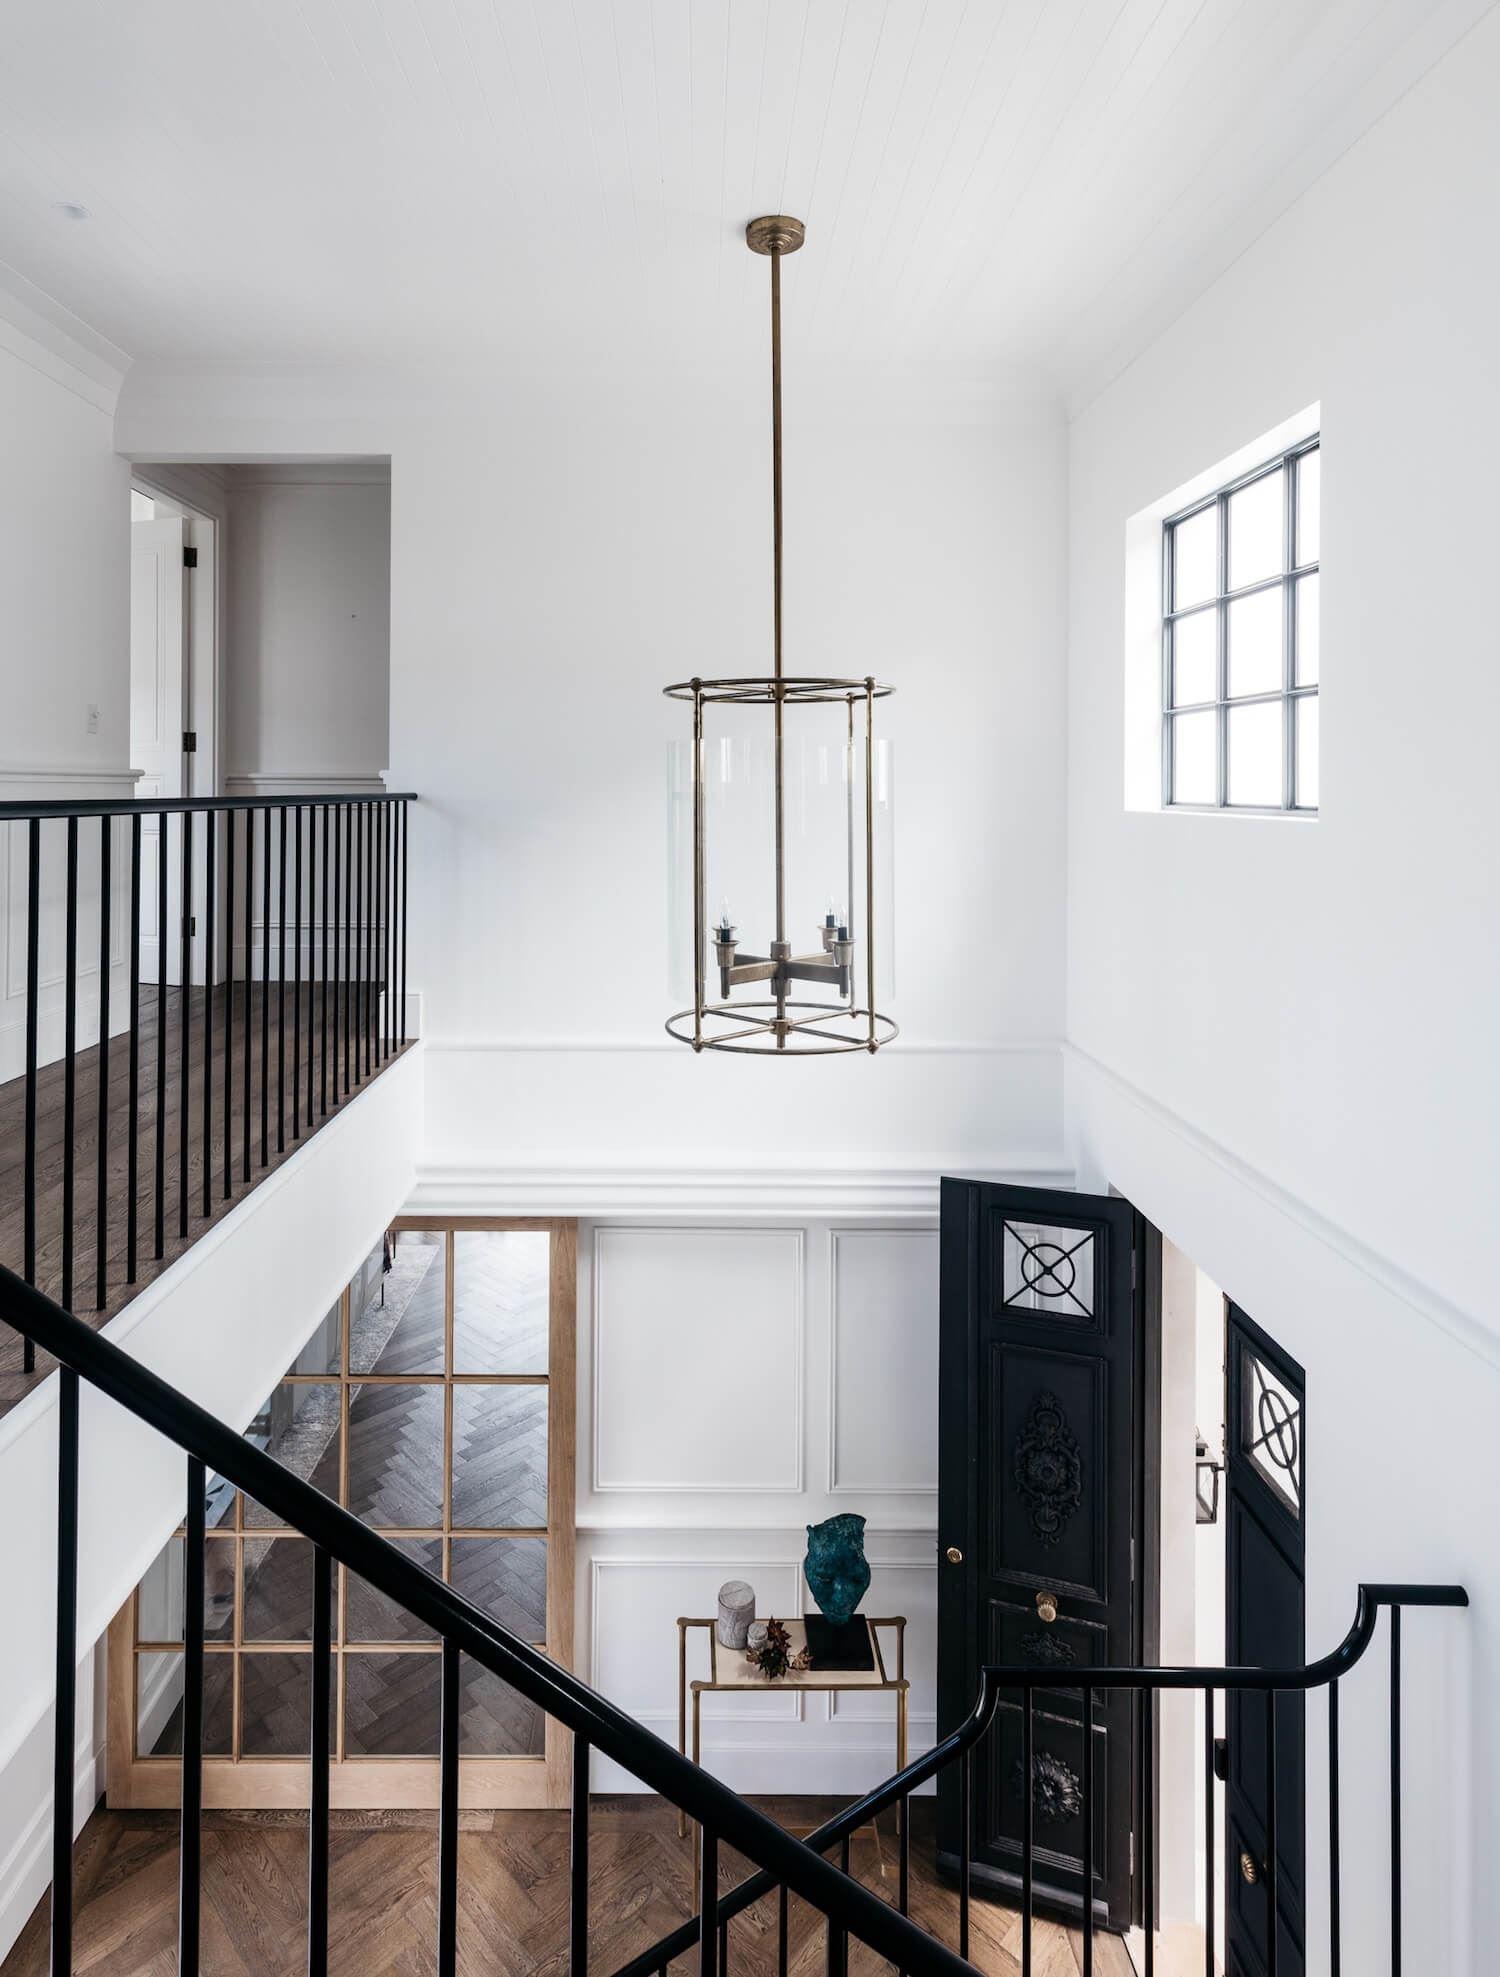 Zona de escalera y entra planta de estilo francés minimalista